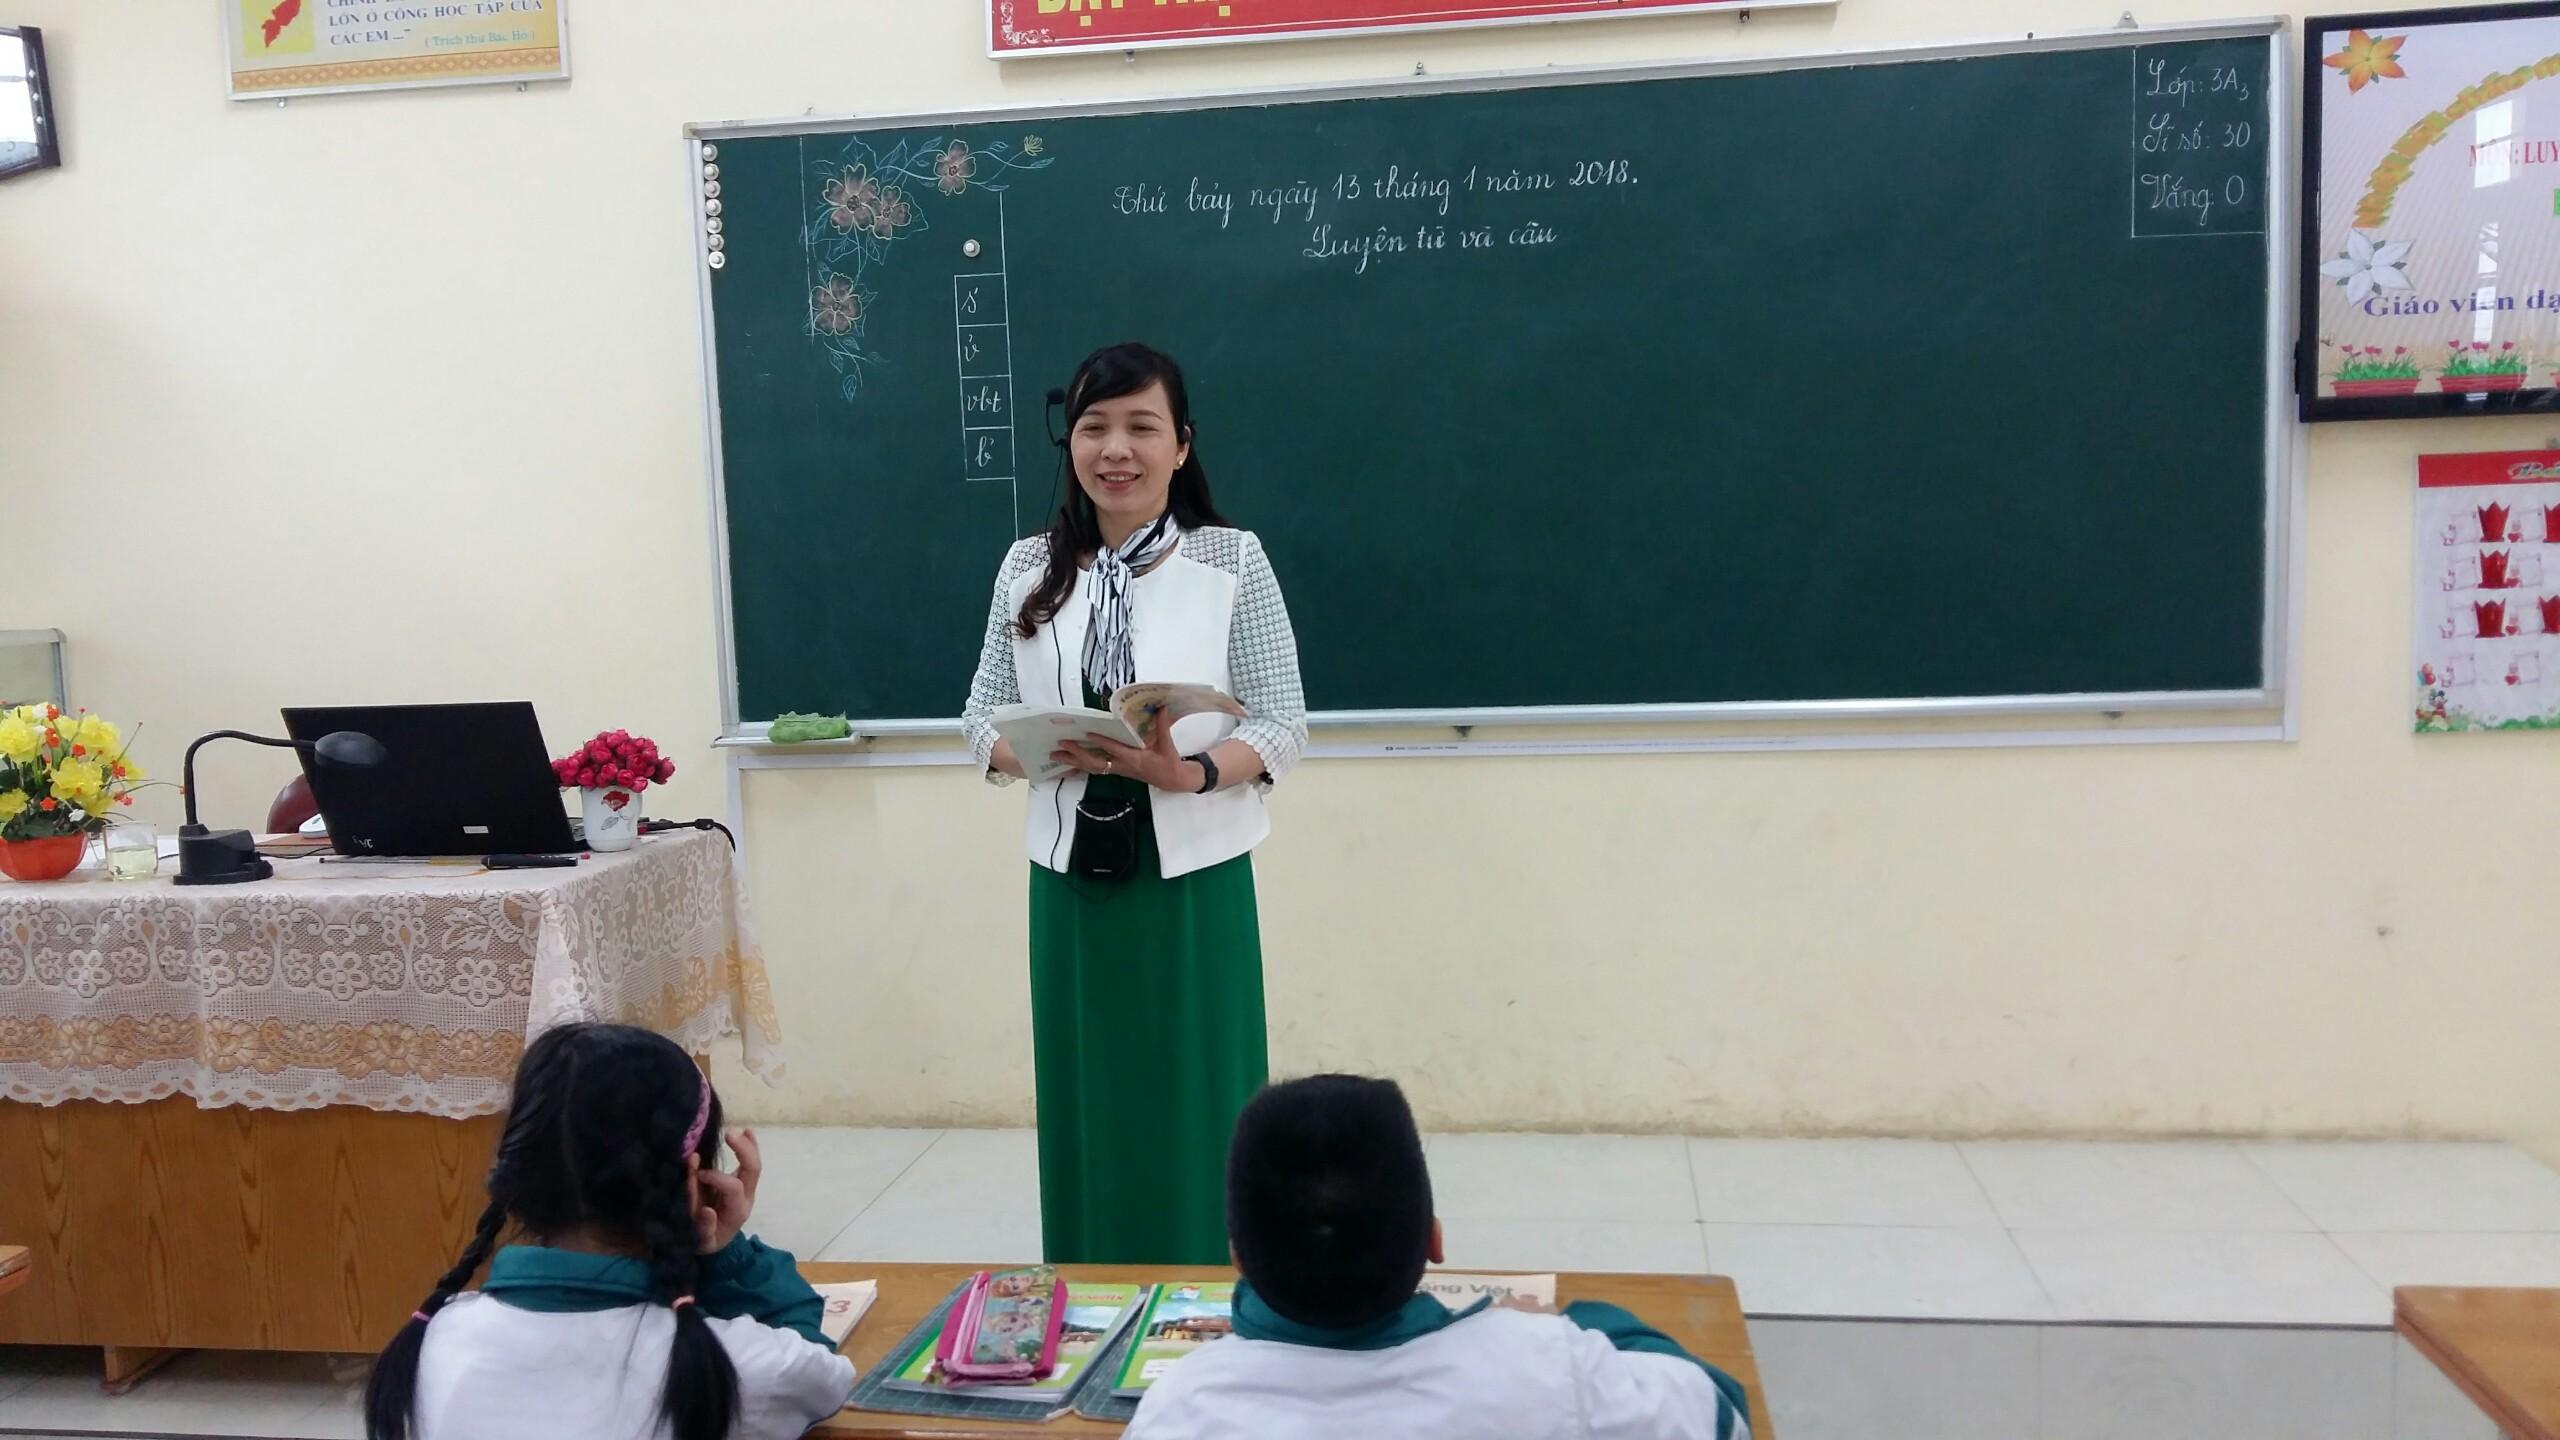 Giáo viên giảng bài theo một giọng đều đều dễ buồn ngủ